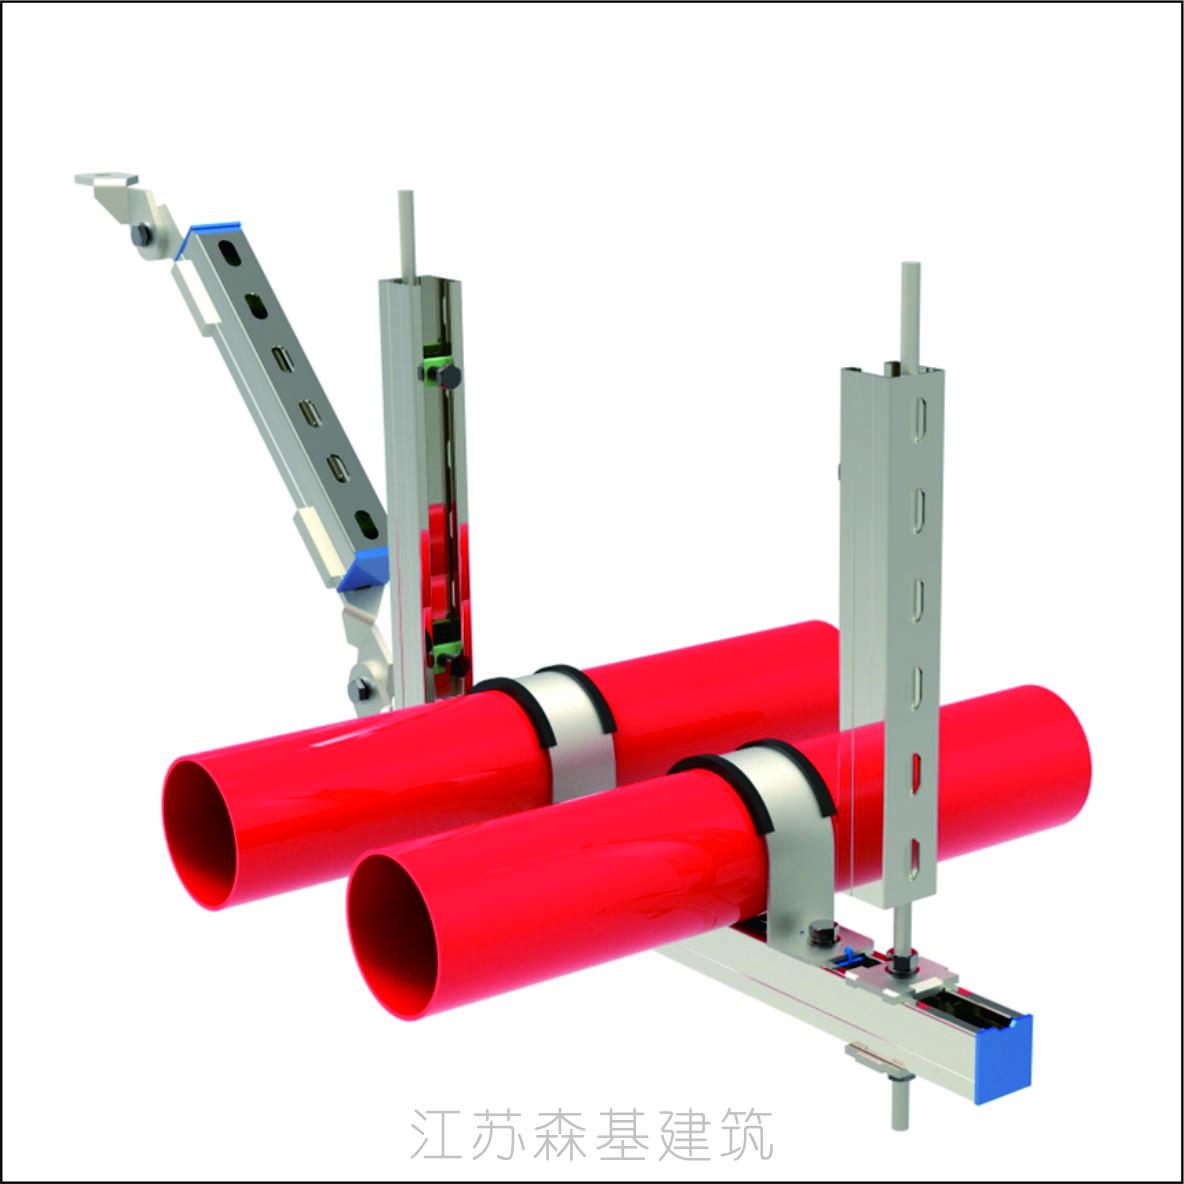 给水排水管道抗震支架销售